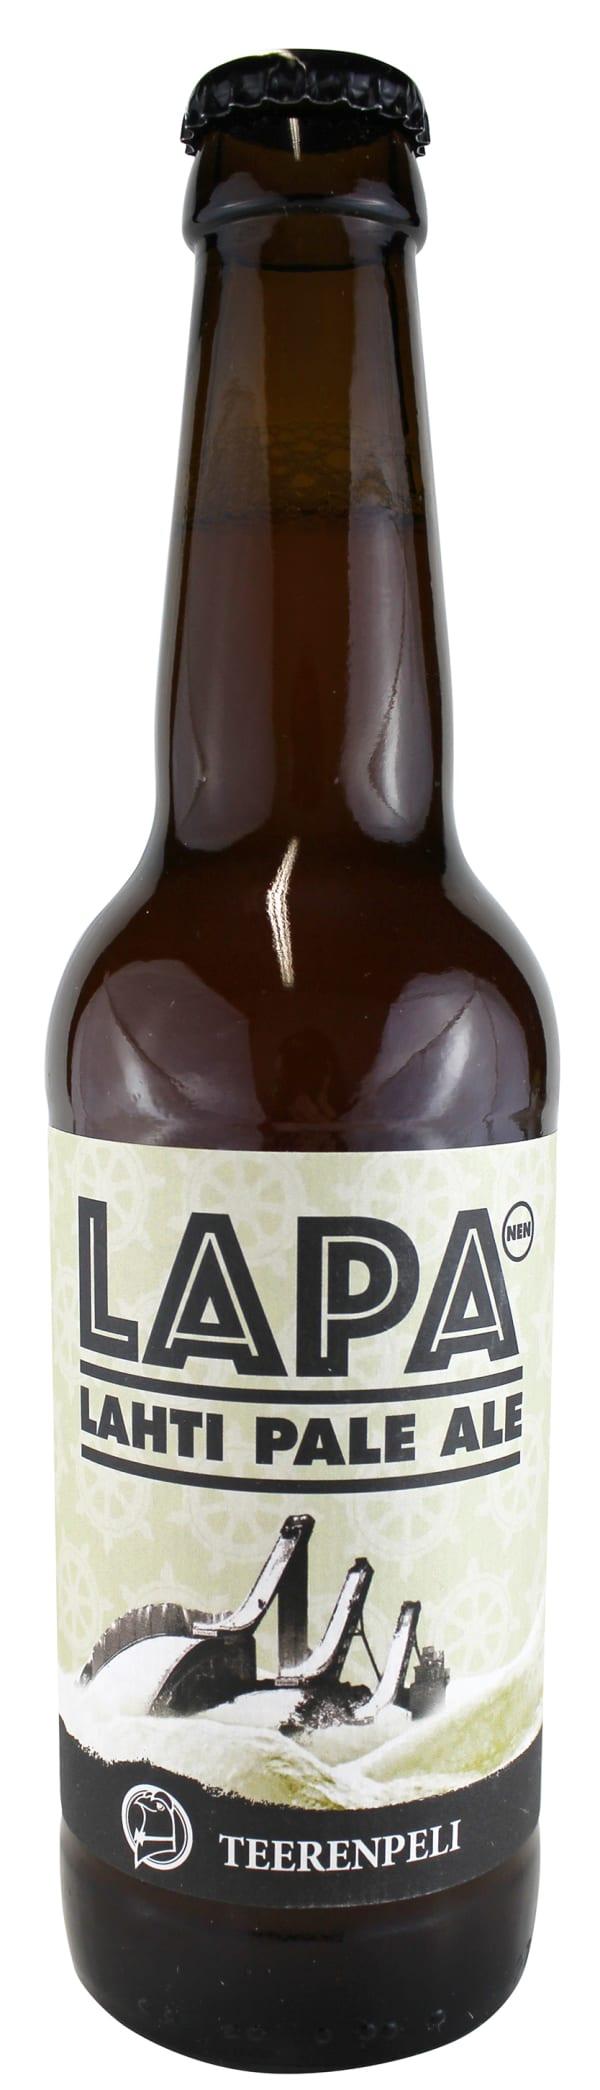 Teerenpeli LAPA Lahti Pale Ale